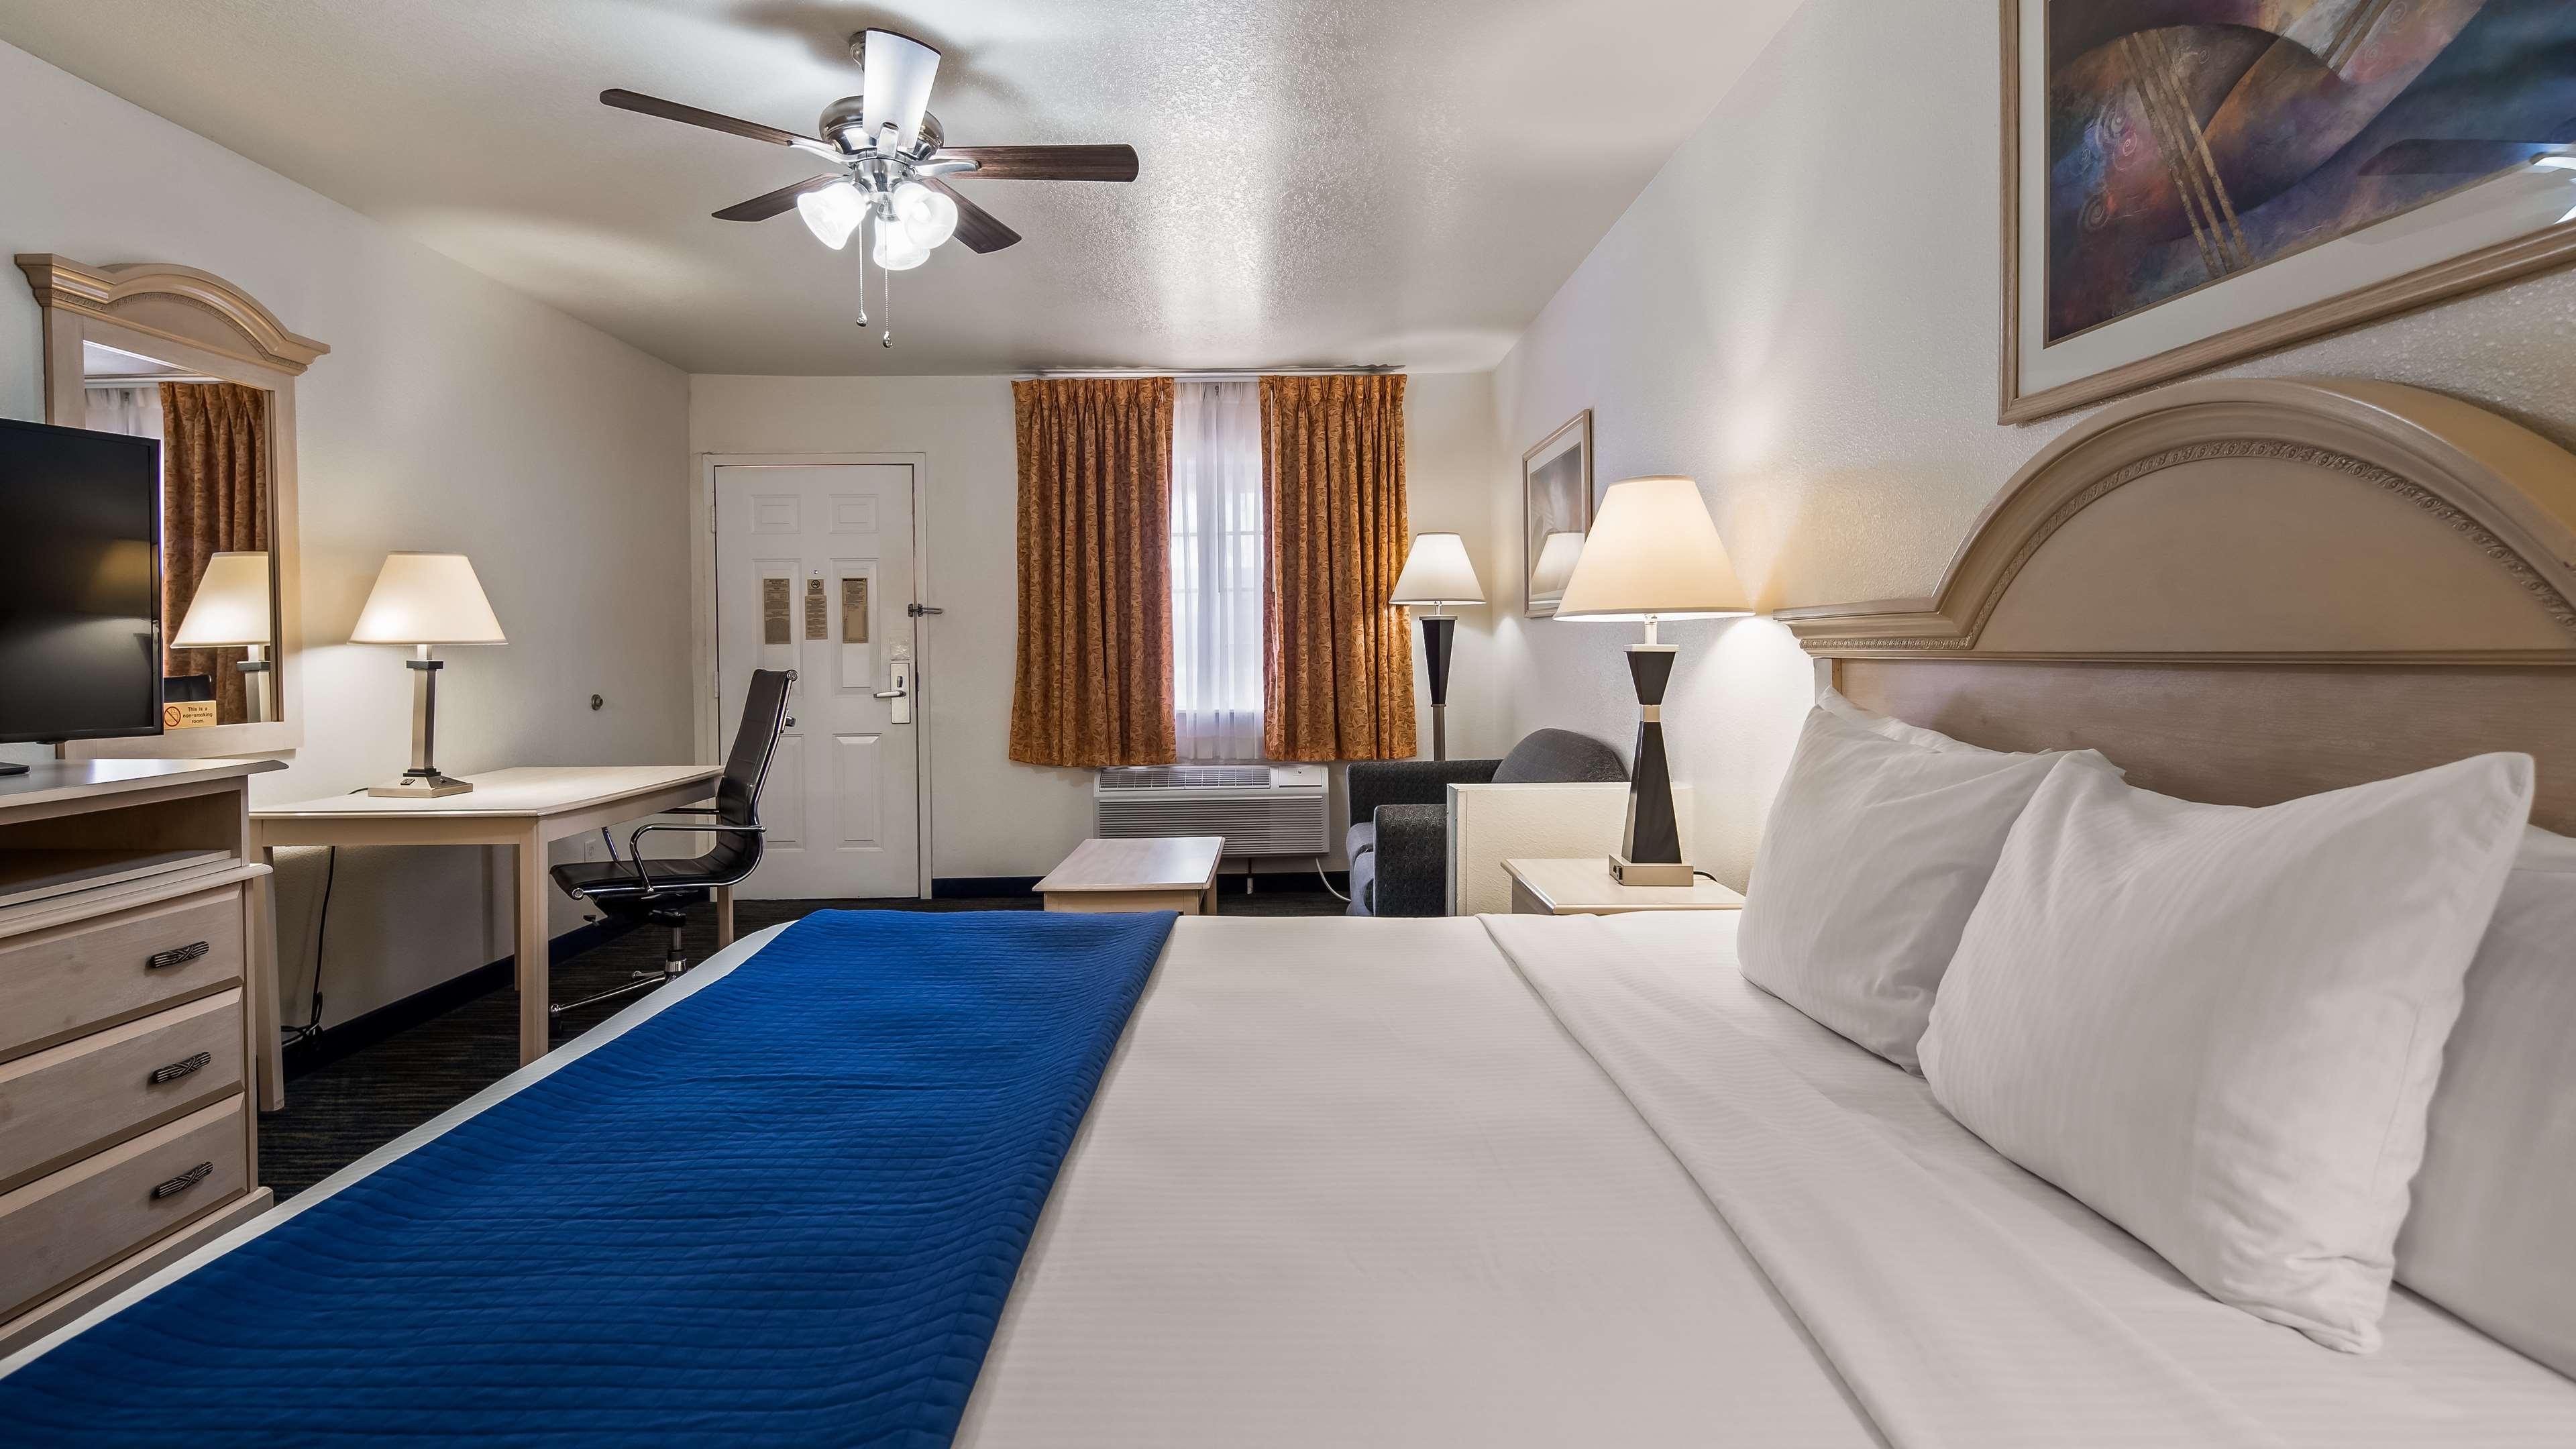 SureStay Hotel by Best Western Falfurrias image 16